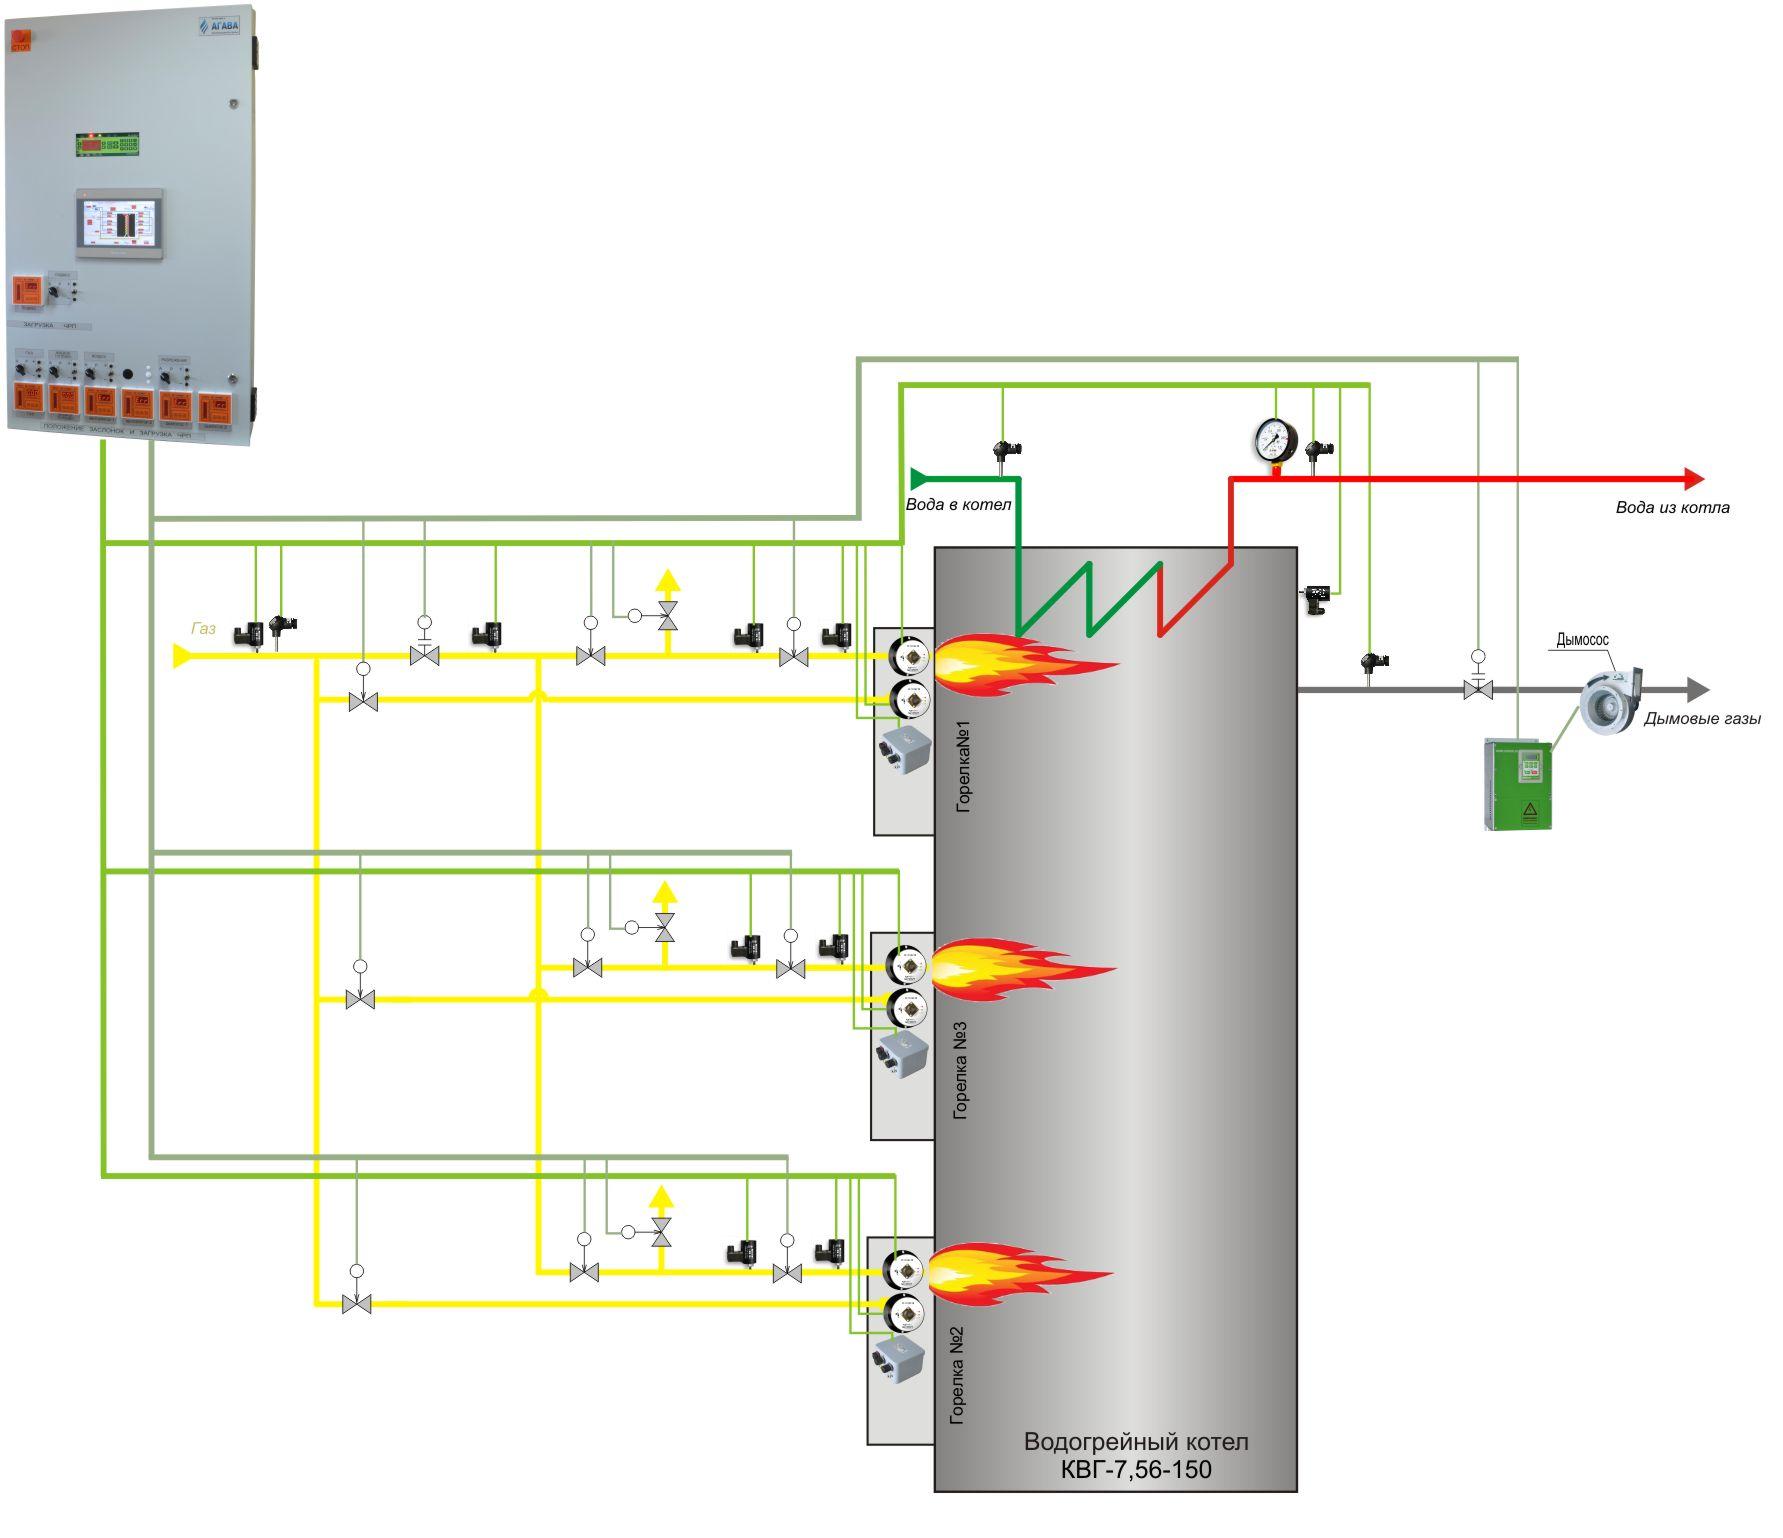 автоматика безопасности в газовых котельных